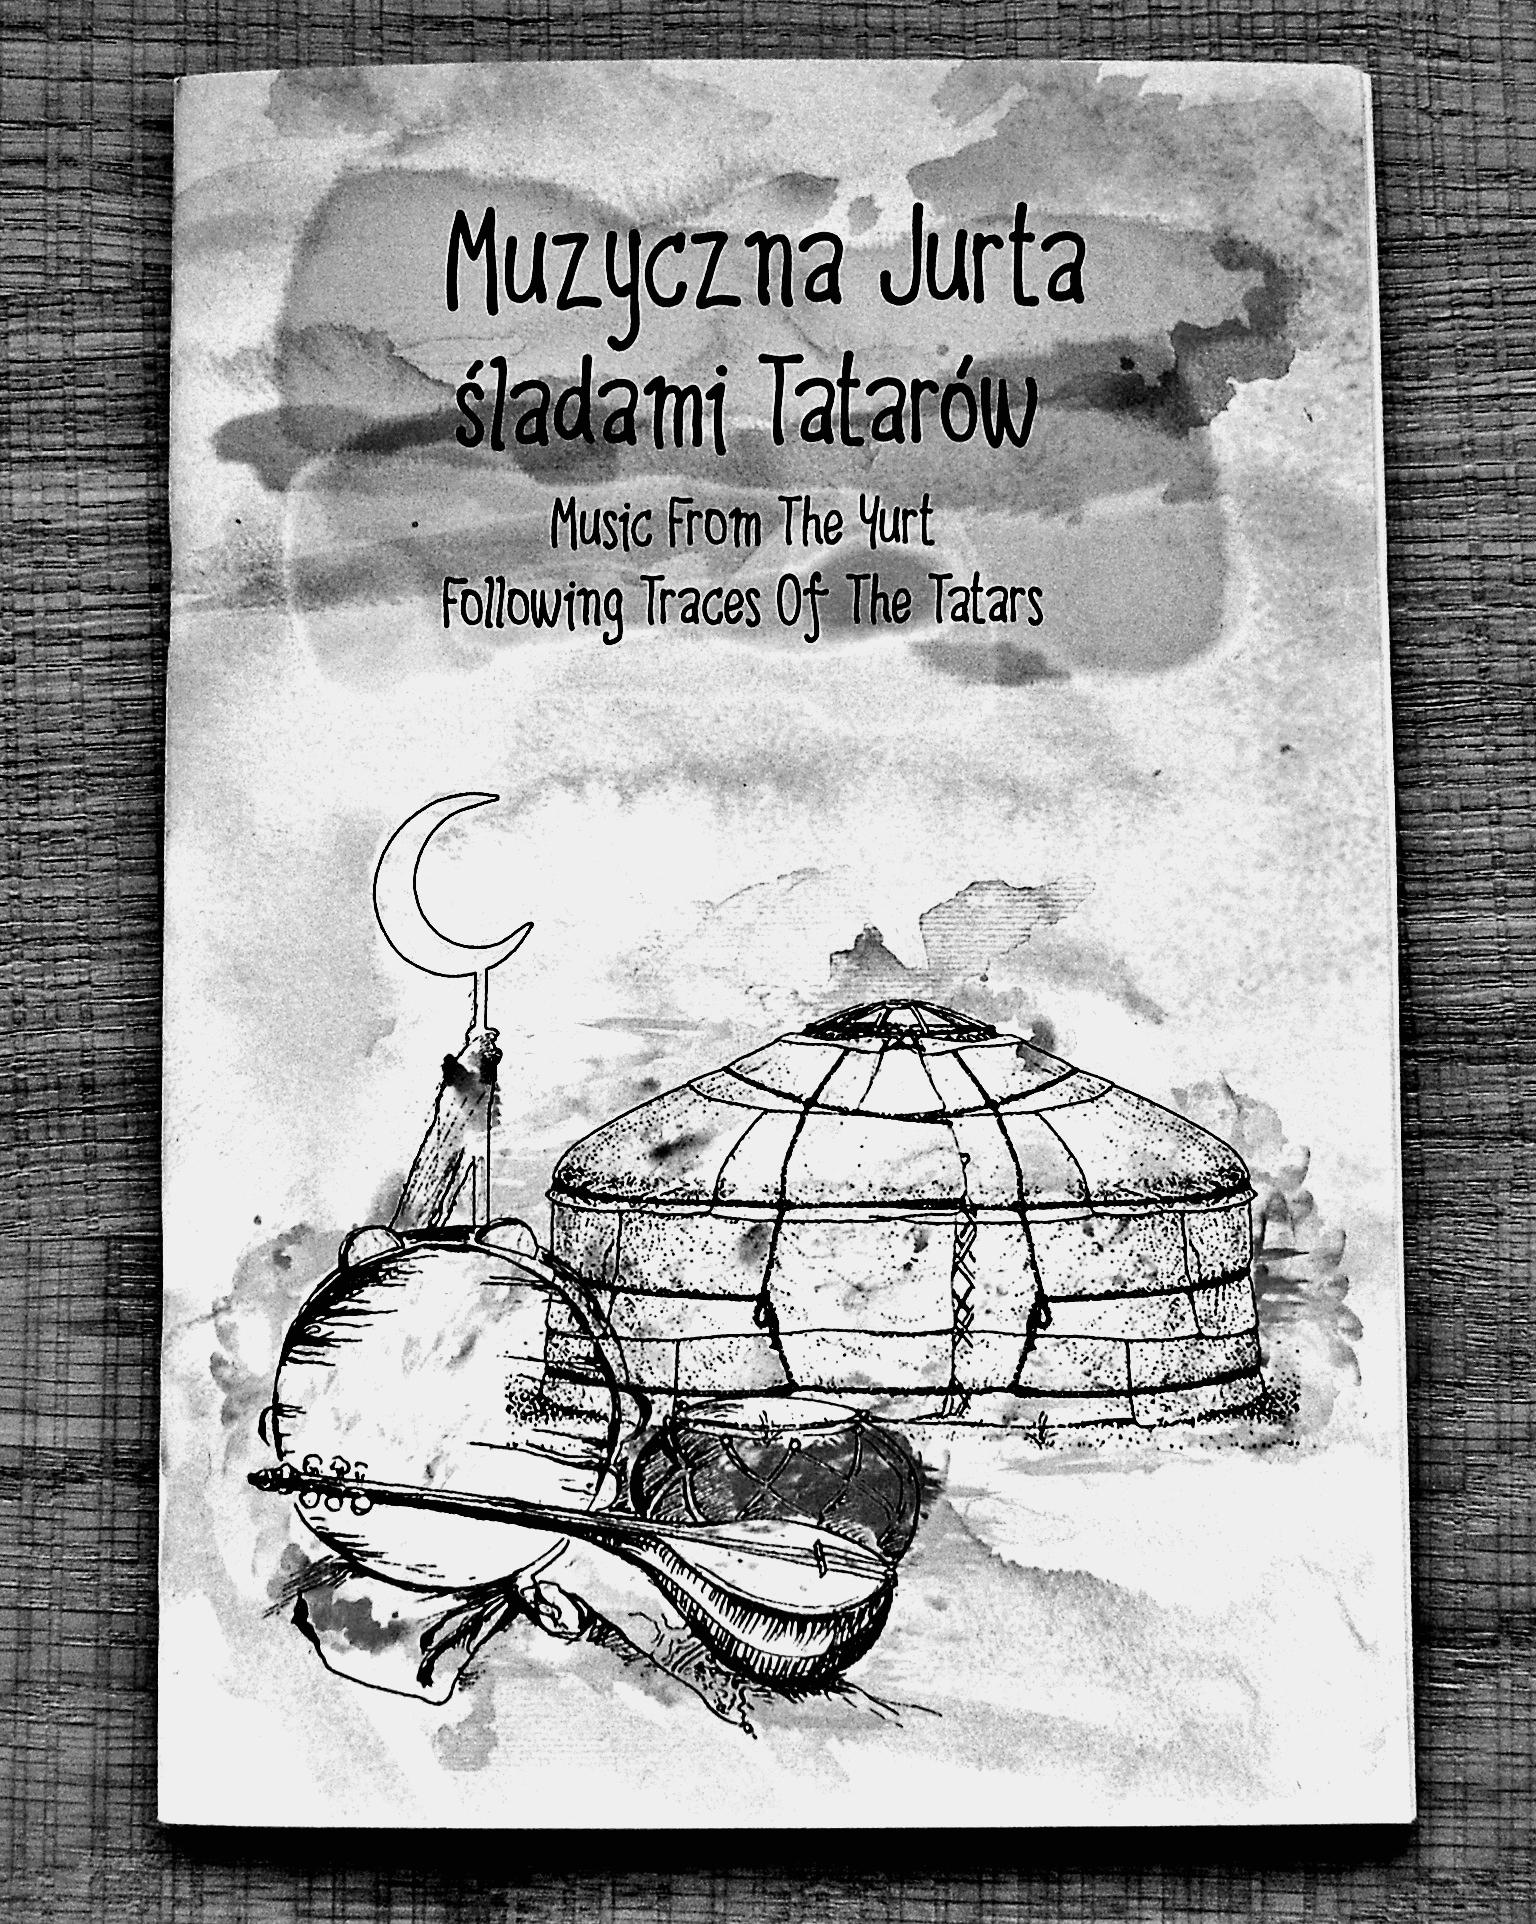 Muzyczna jurta_cz.b